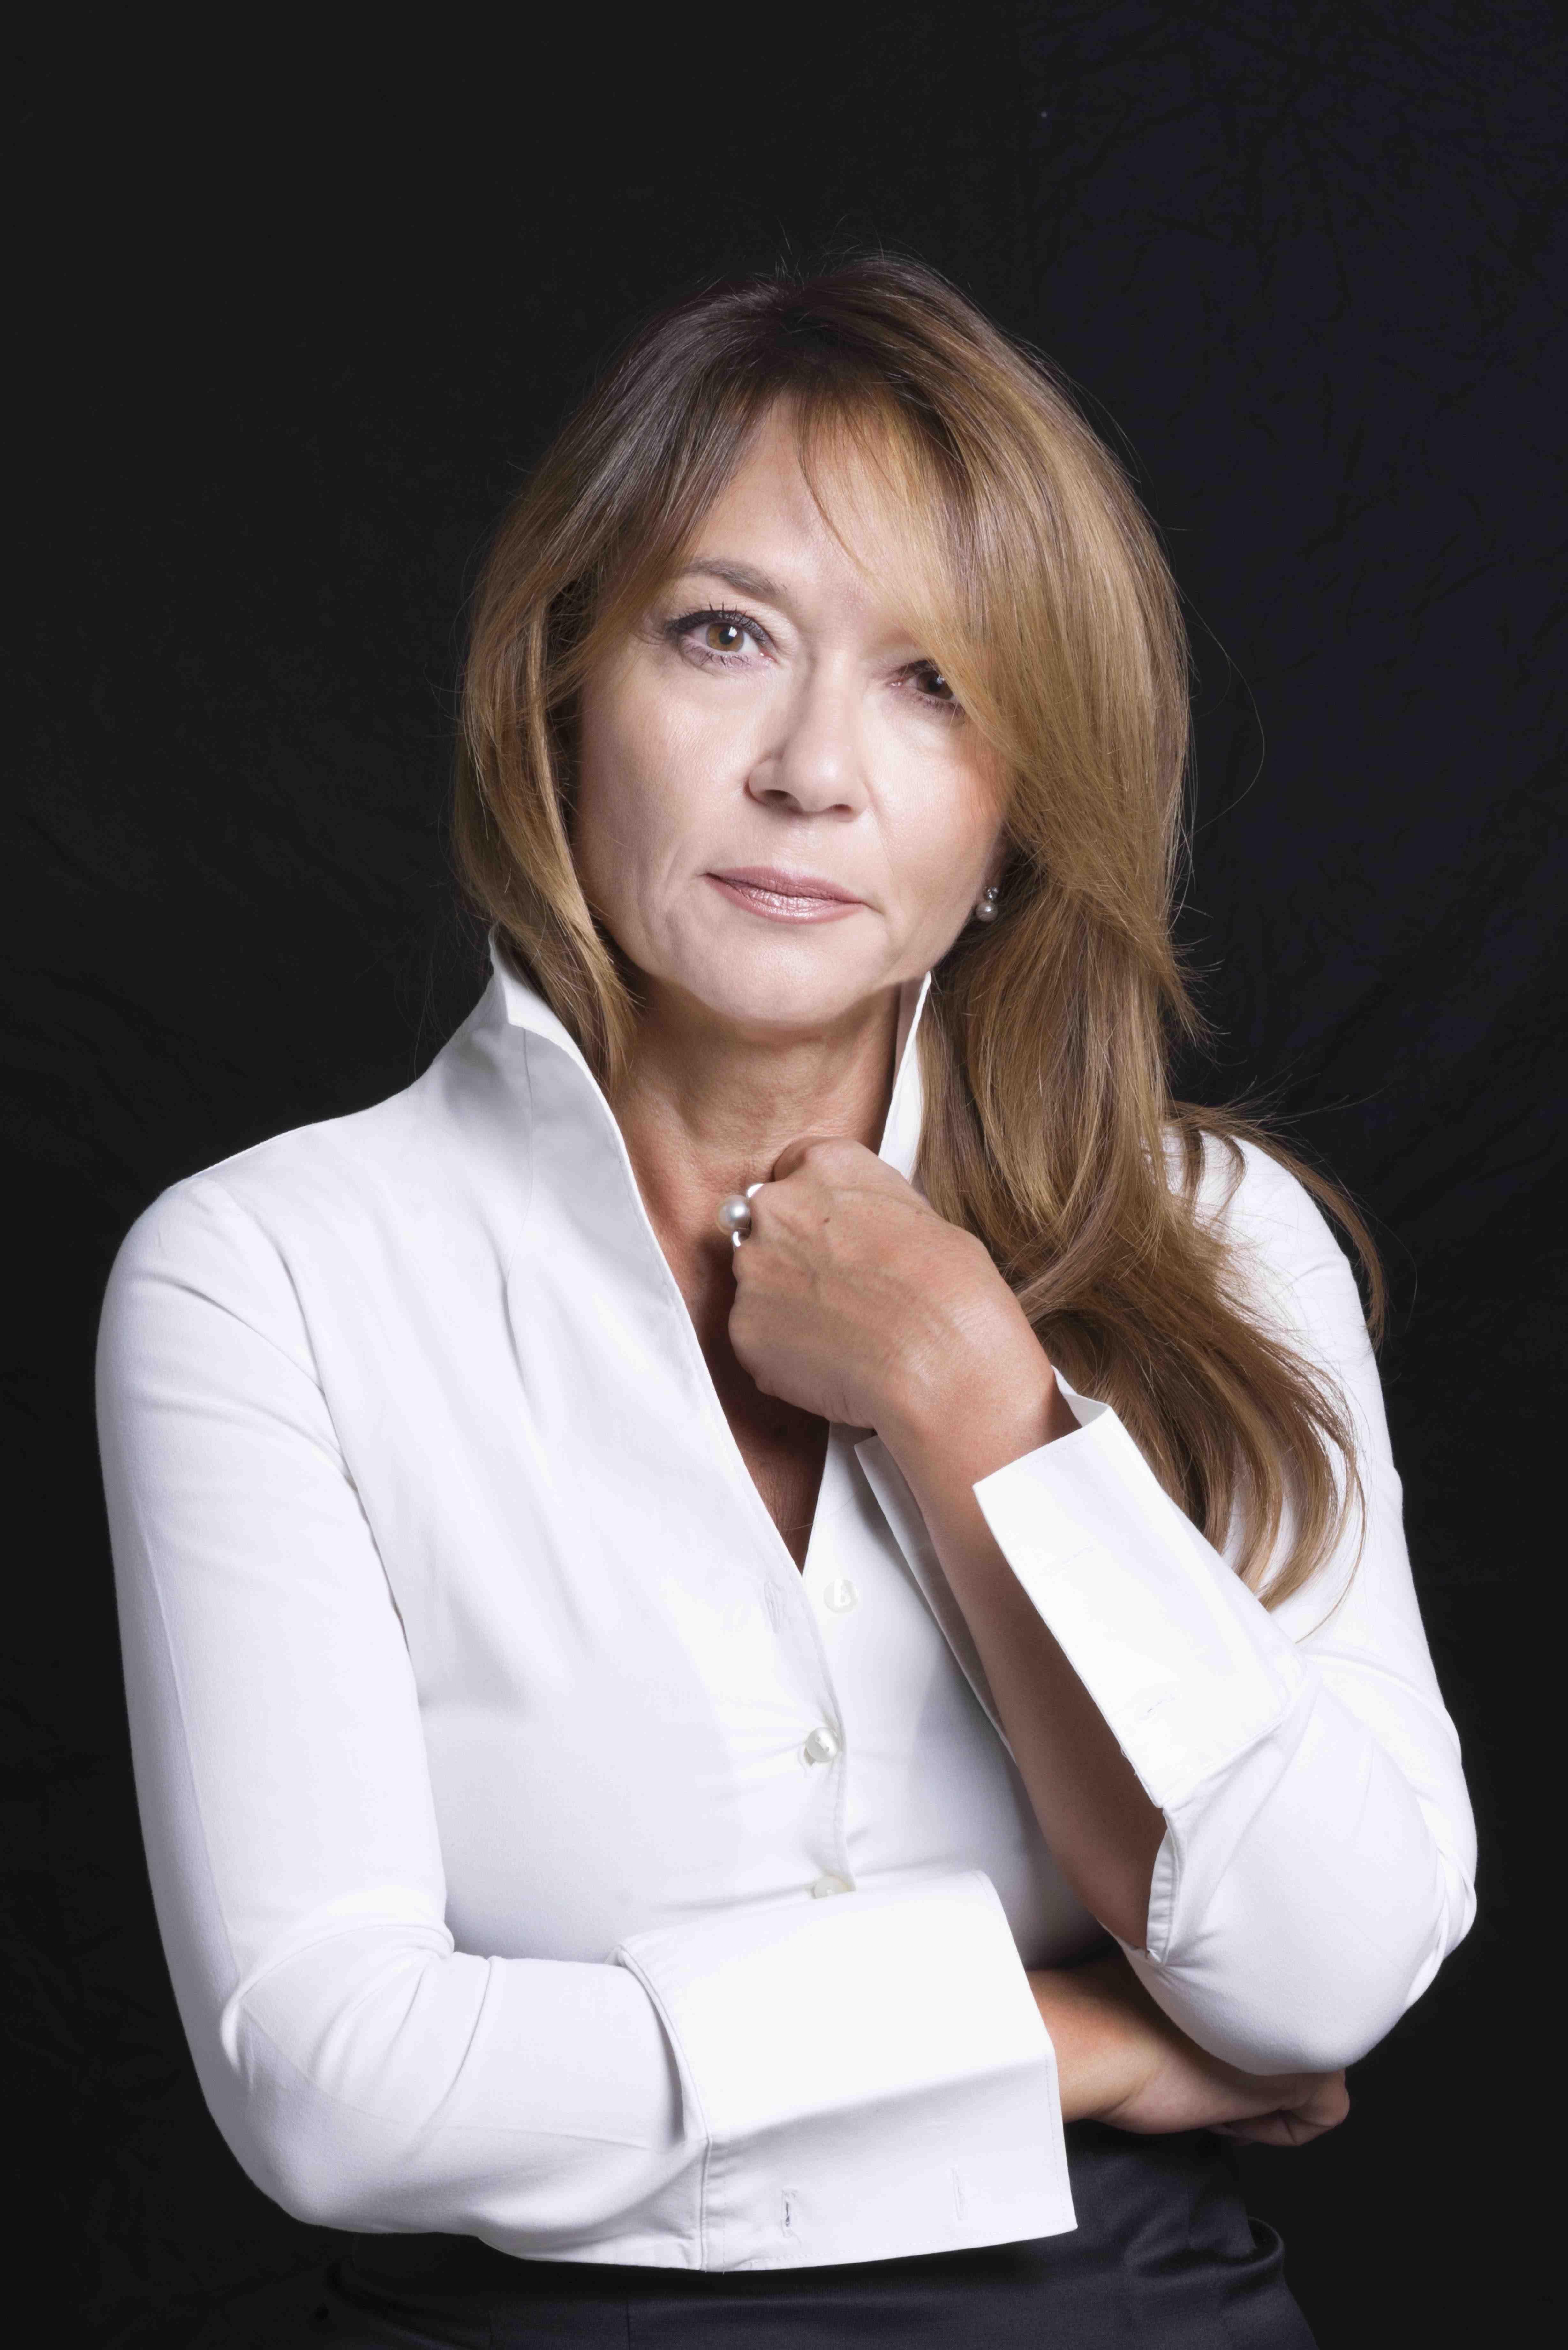 Rossana Balduzzi Gastini - Sito ufficiale cb0897c7276c